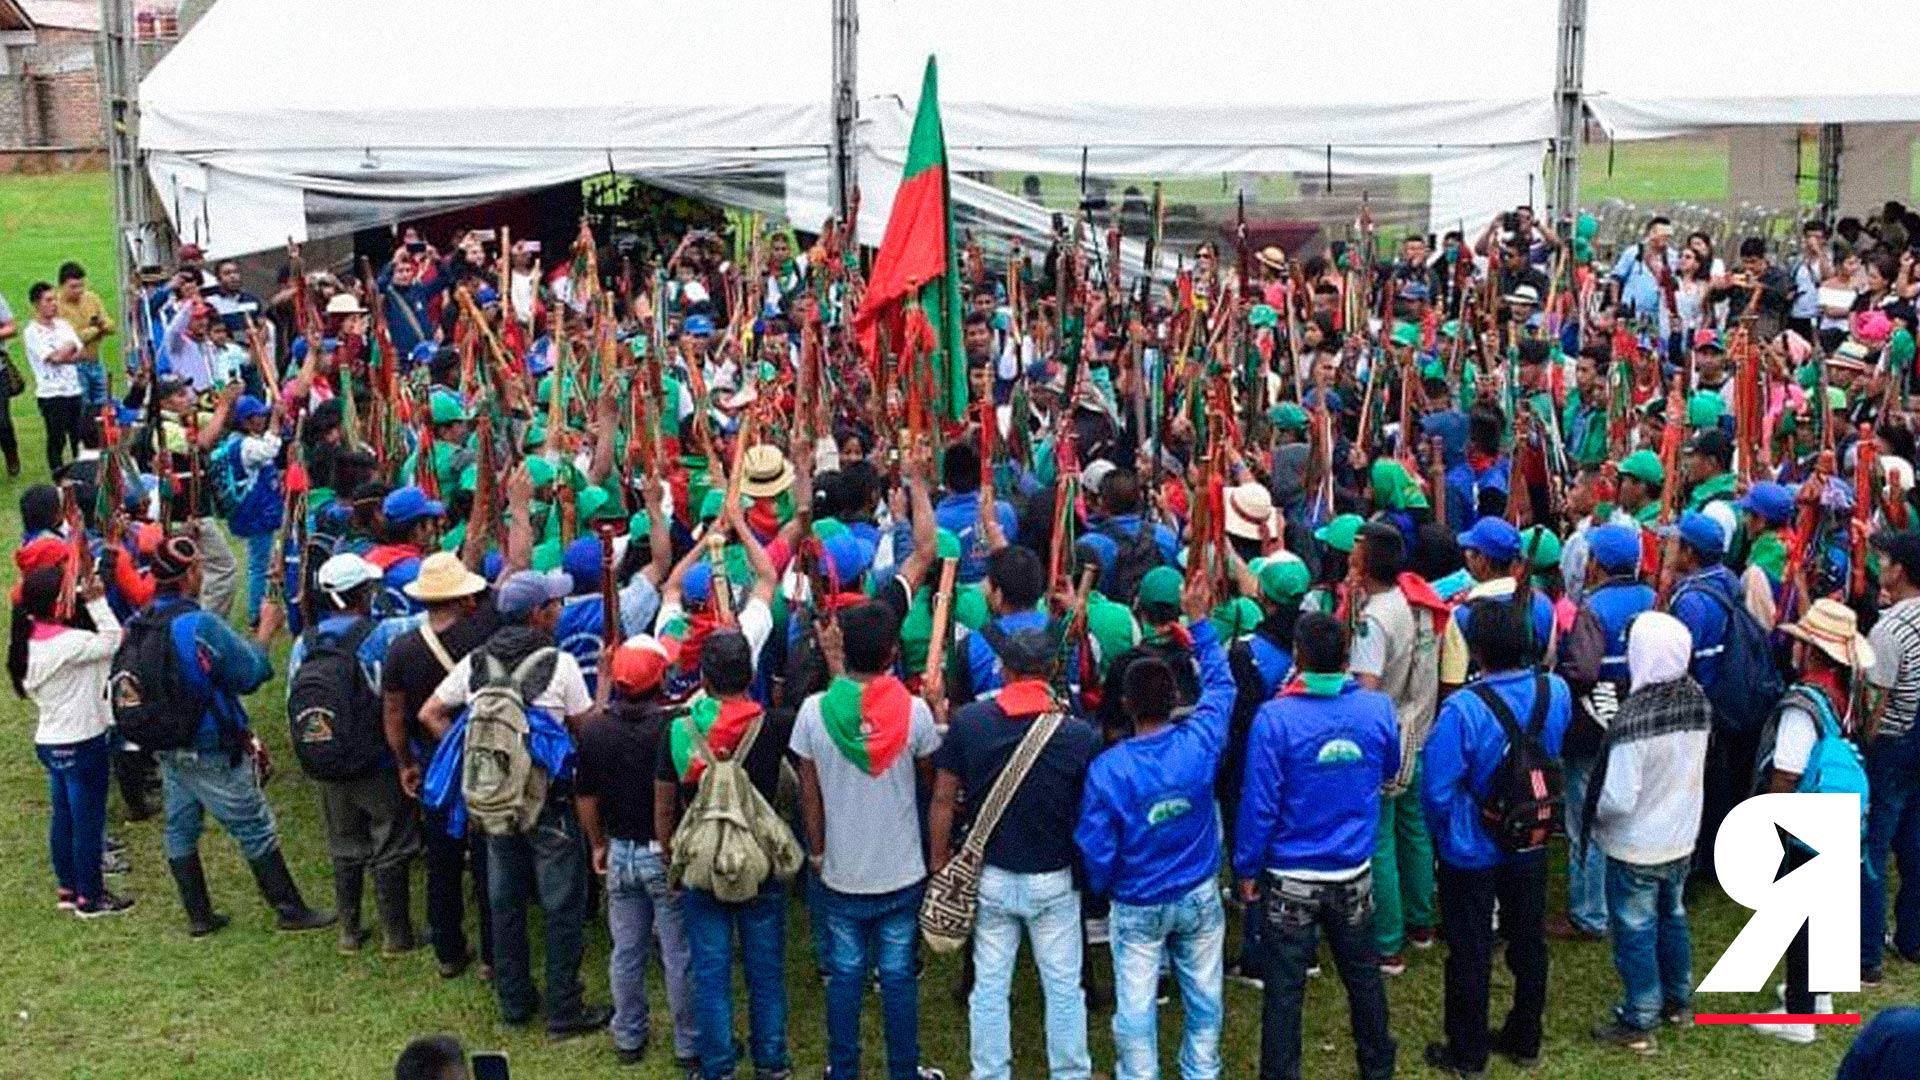 'No somos terroristas, ministro': la respuesta de los indígenas a Guillermo Botero